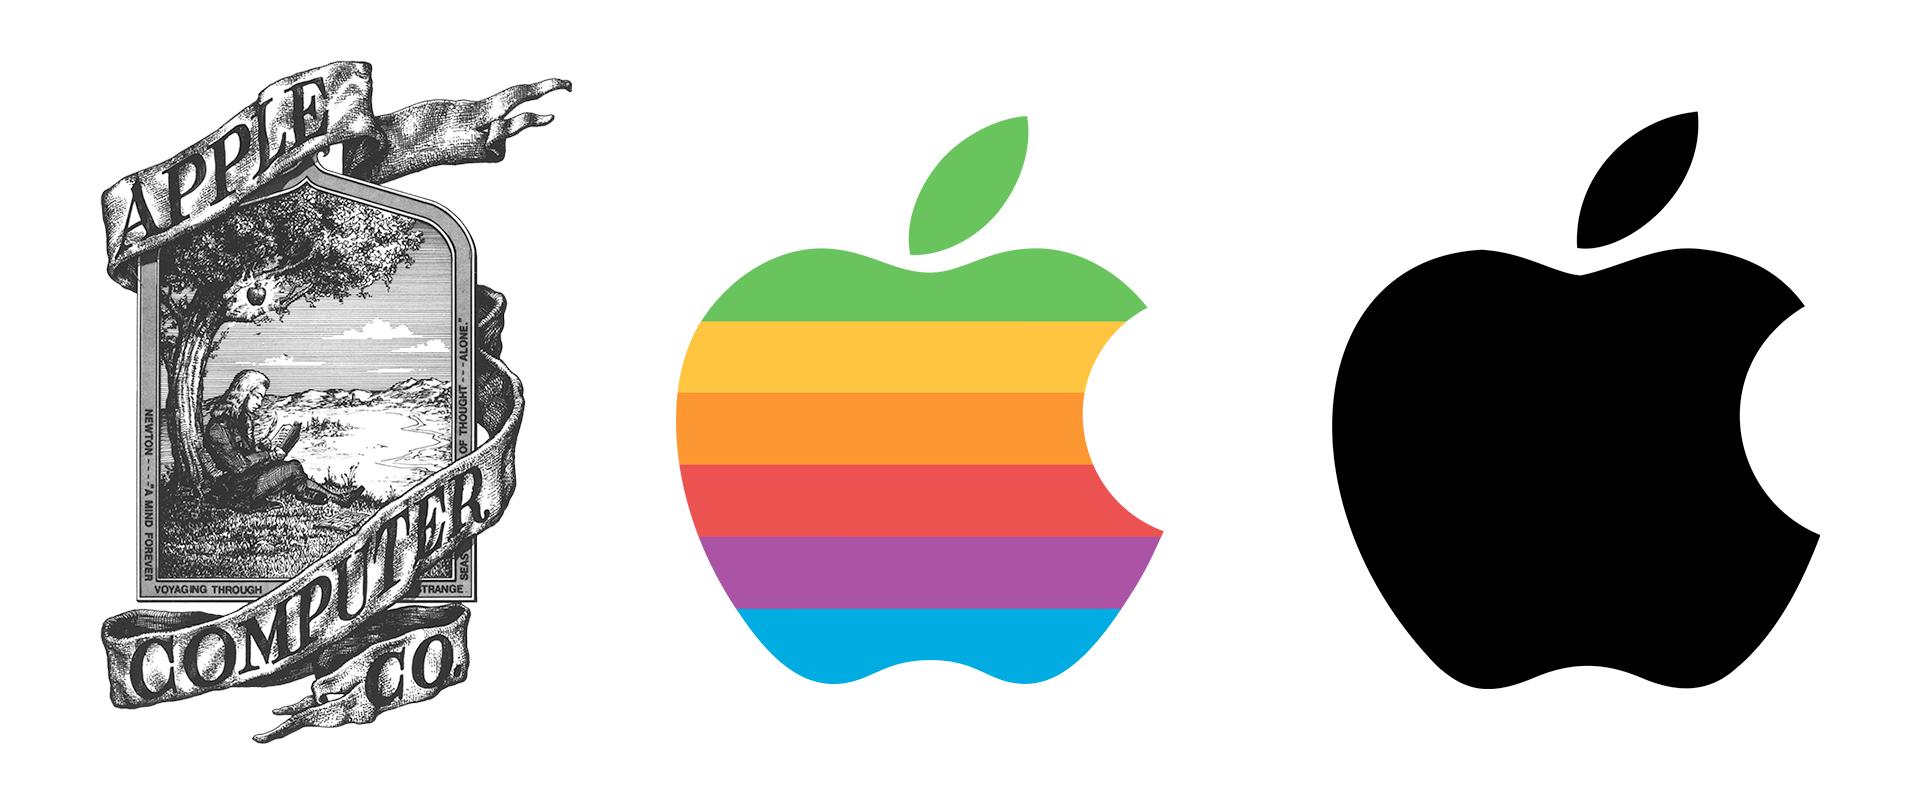 L'evoluzione del logo Apple